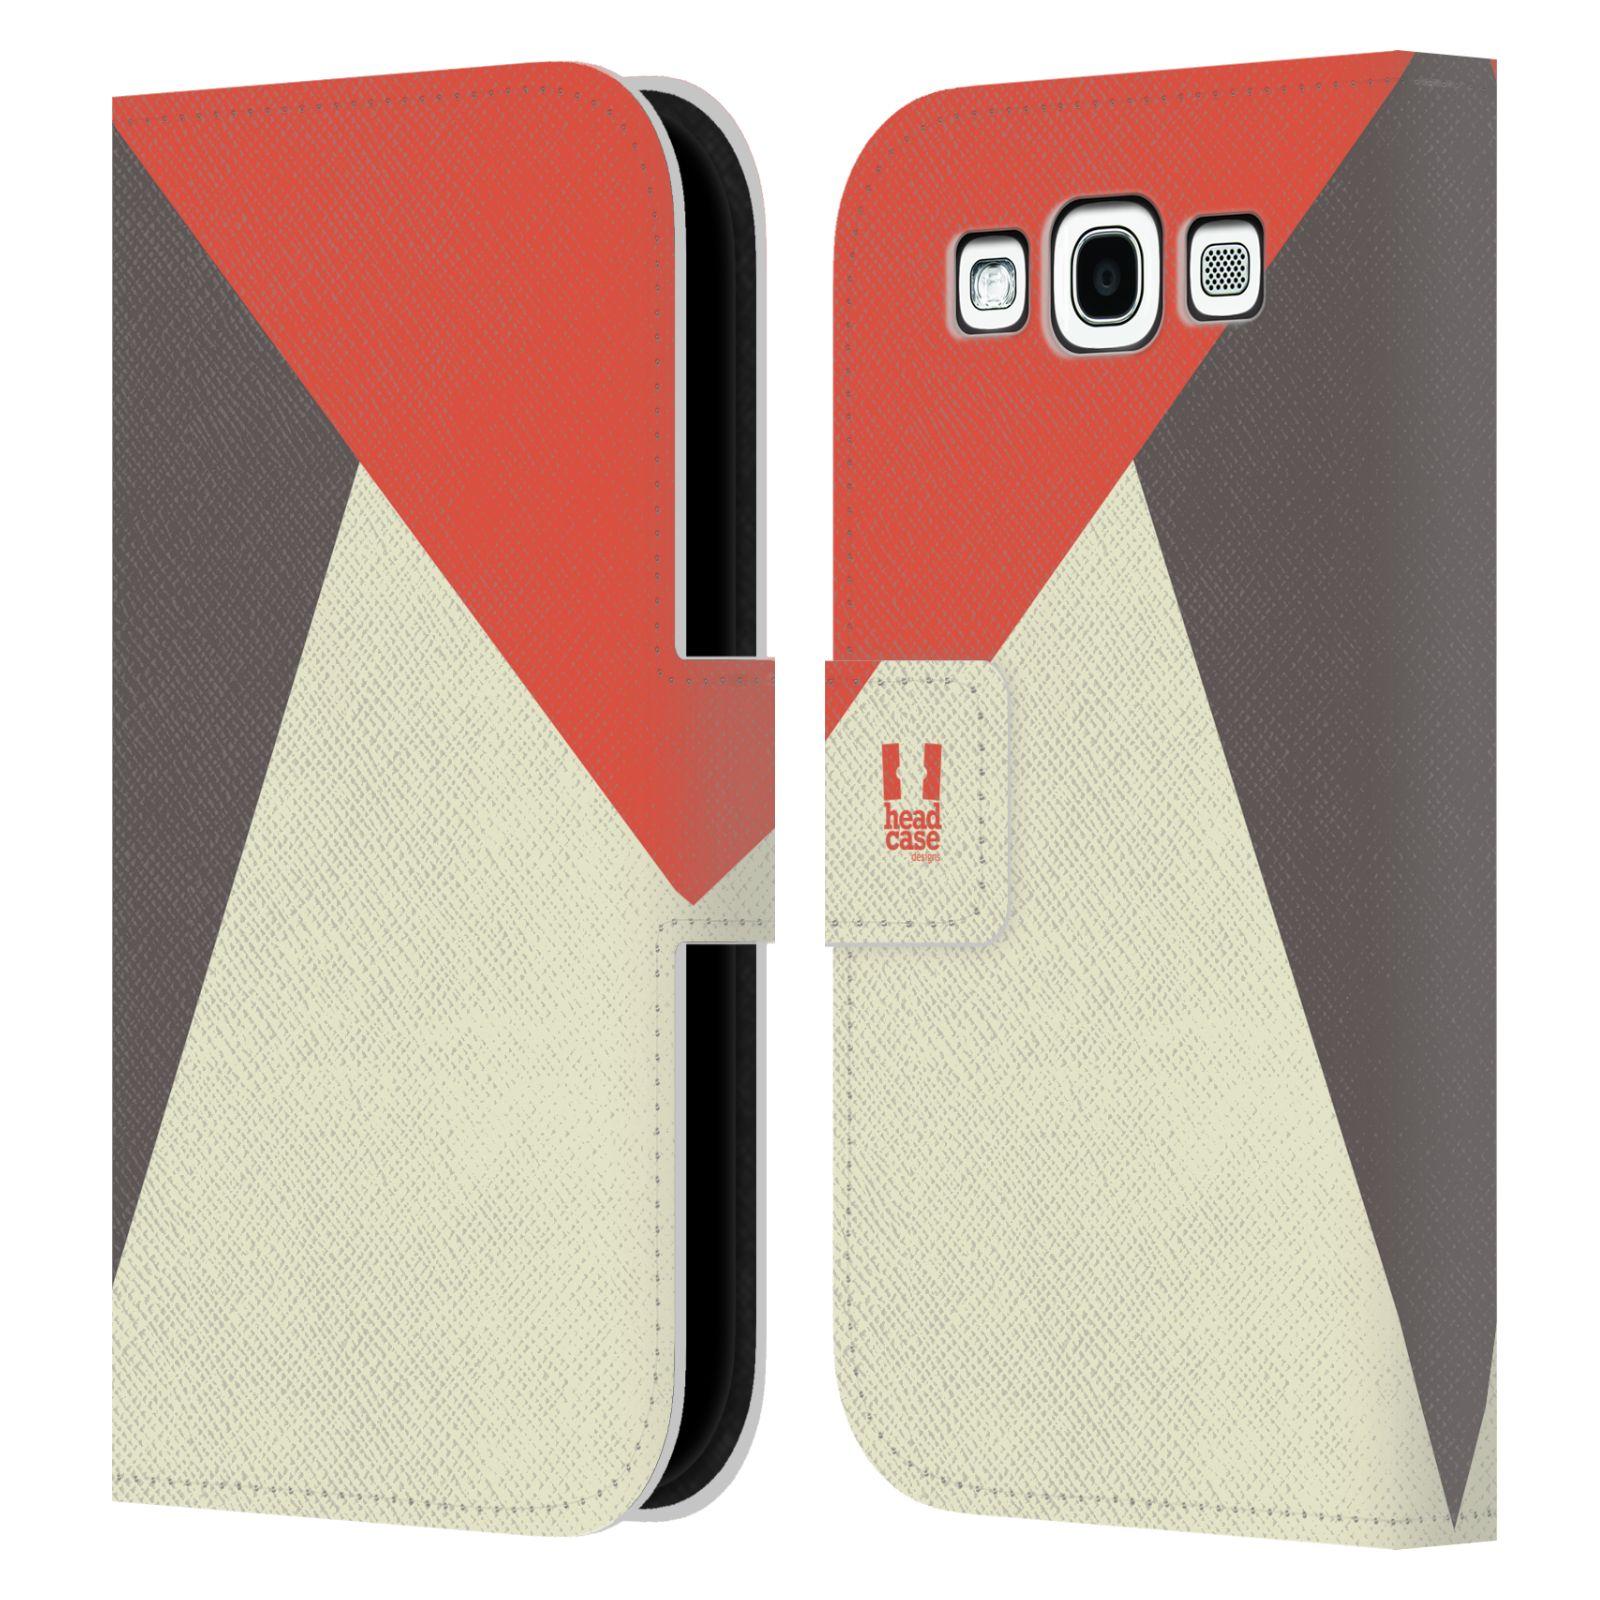 HEAD CASE Flipové pouzdro pro mobil Samsung Galaxy S3 I9300 barevné tvary červená a šedá COOL